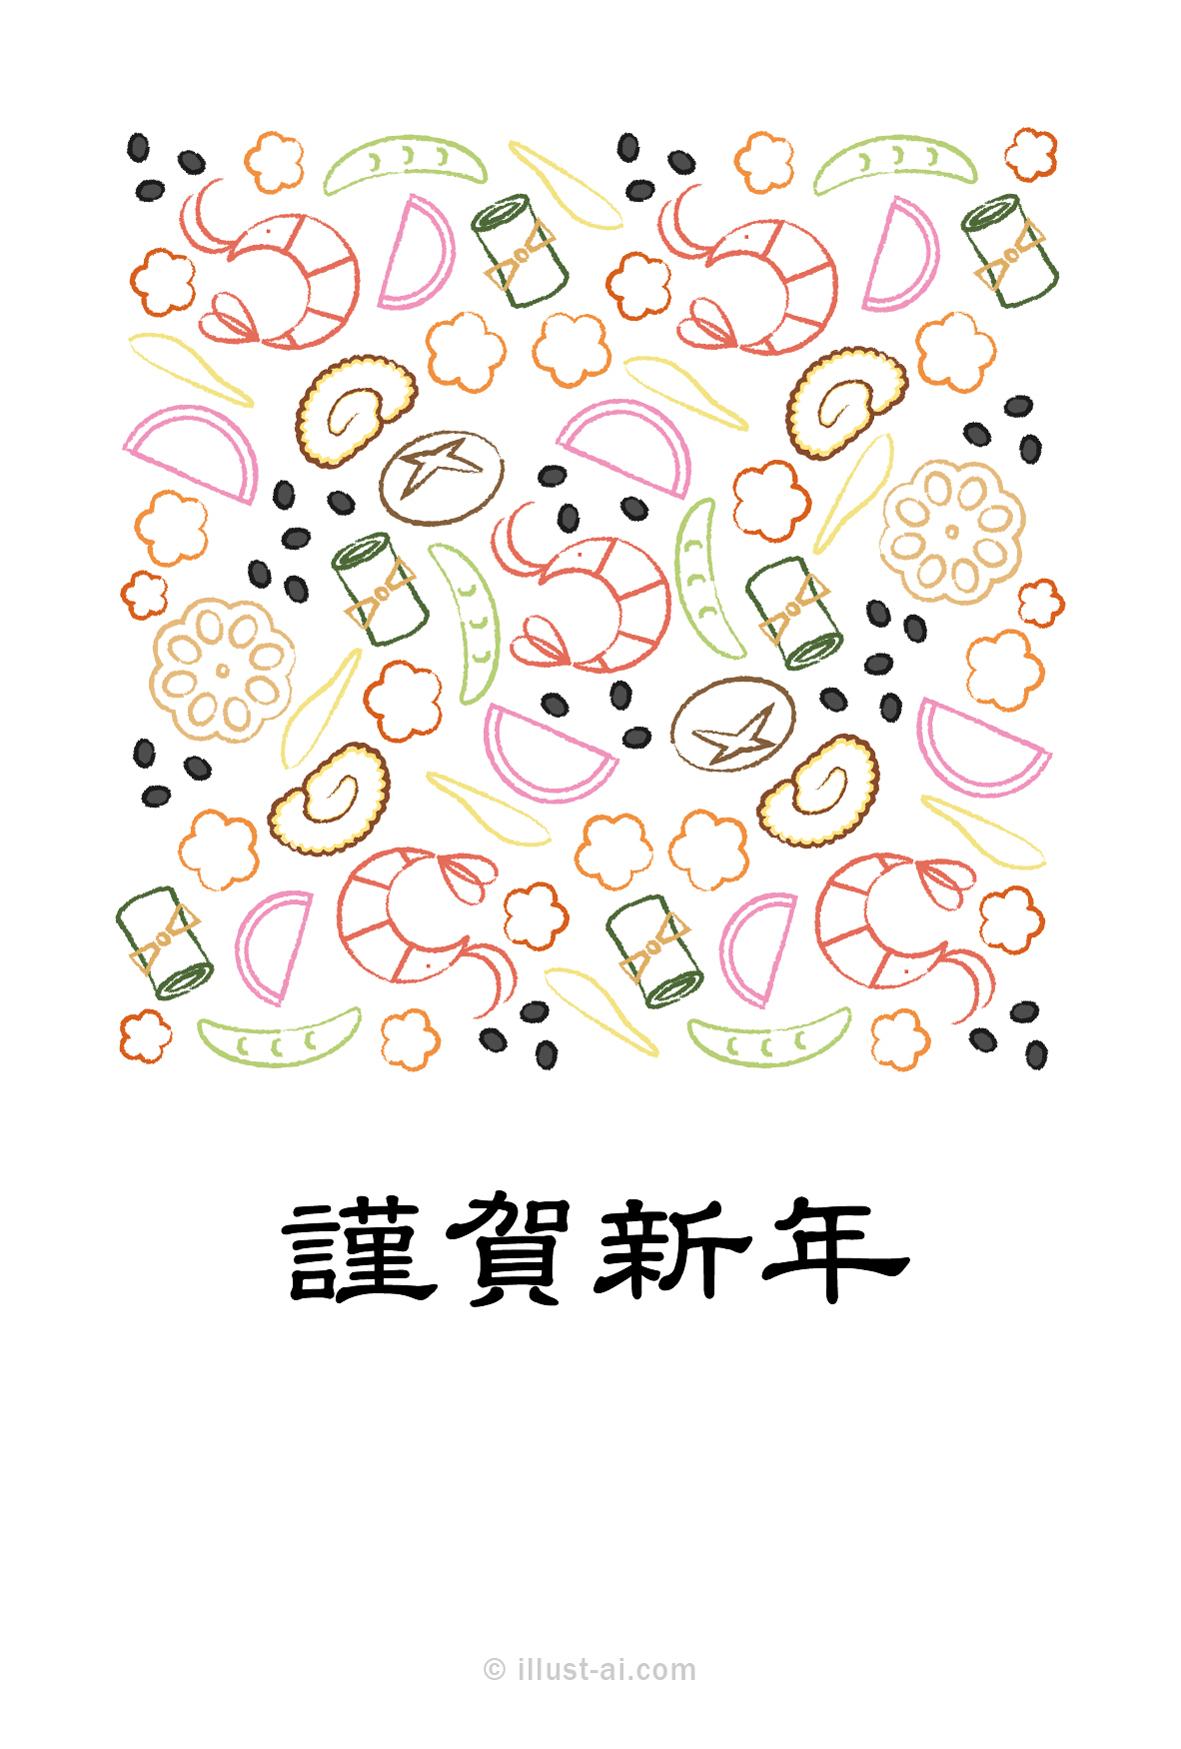 年賀状 子年手描き風おせちのシンプルな年賀状イラスト 年賀状